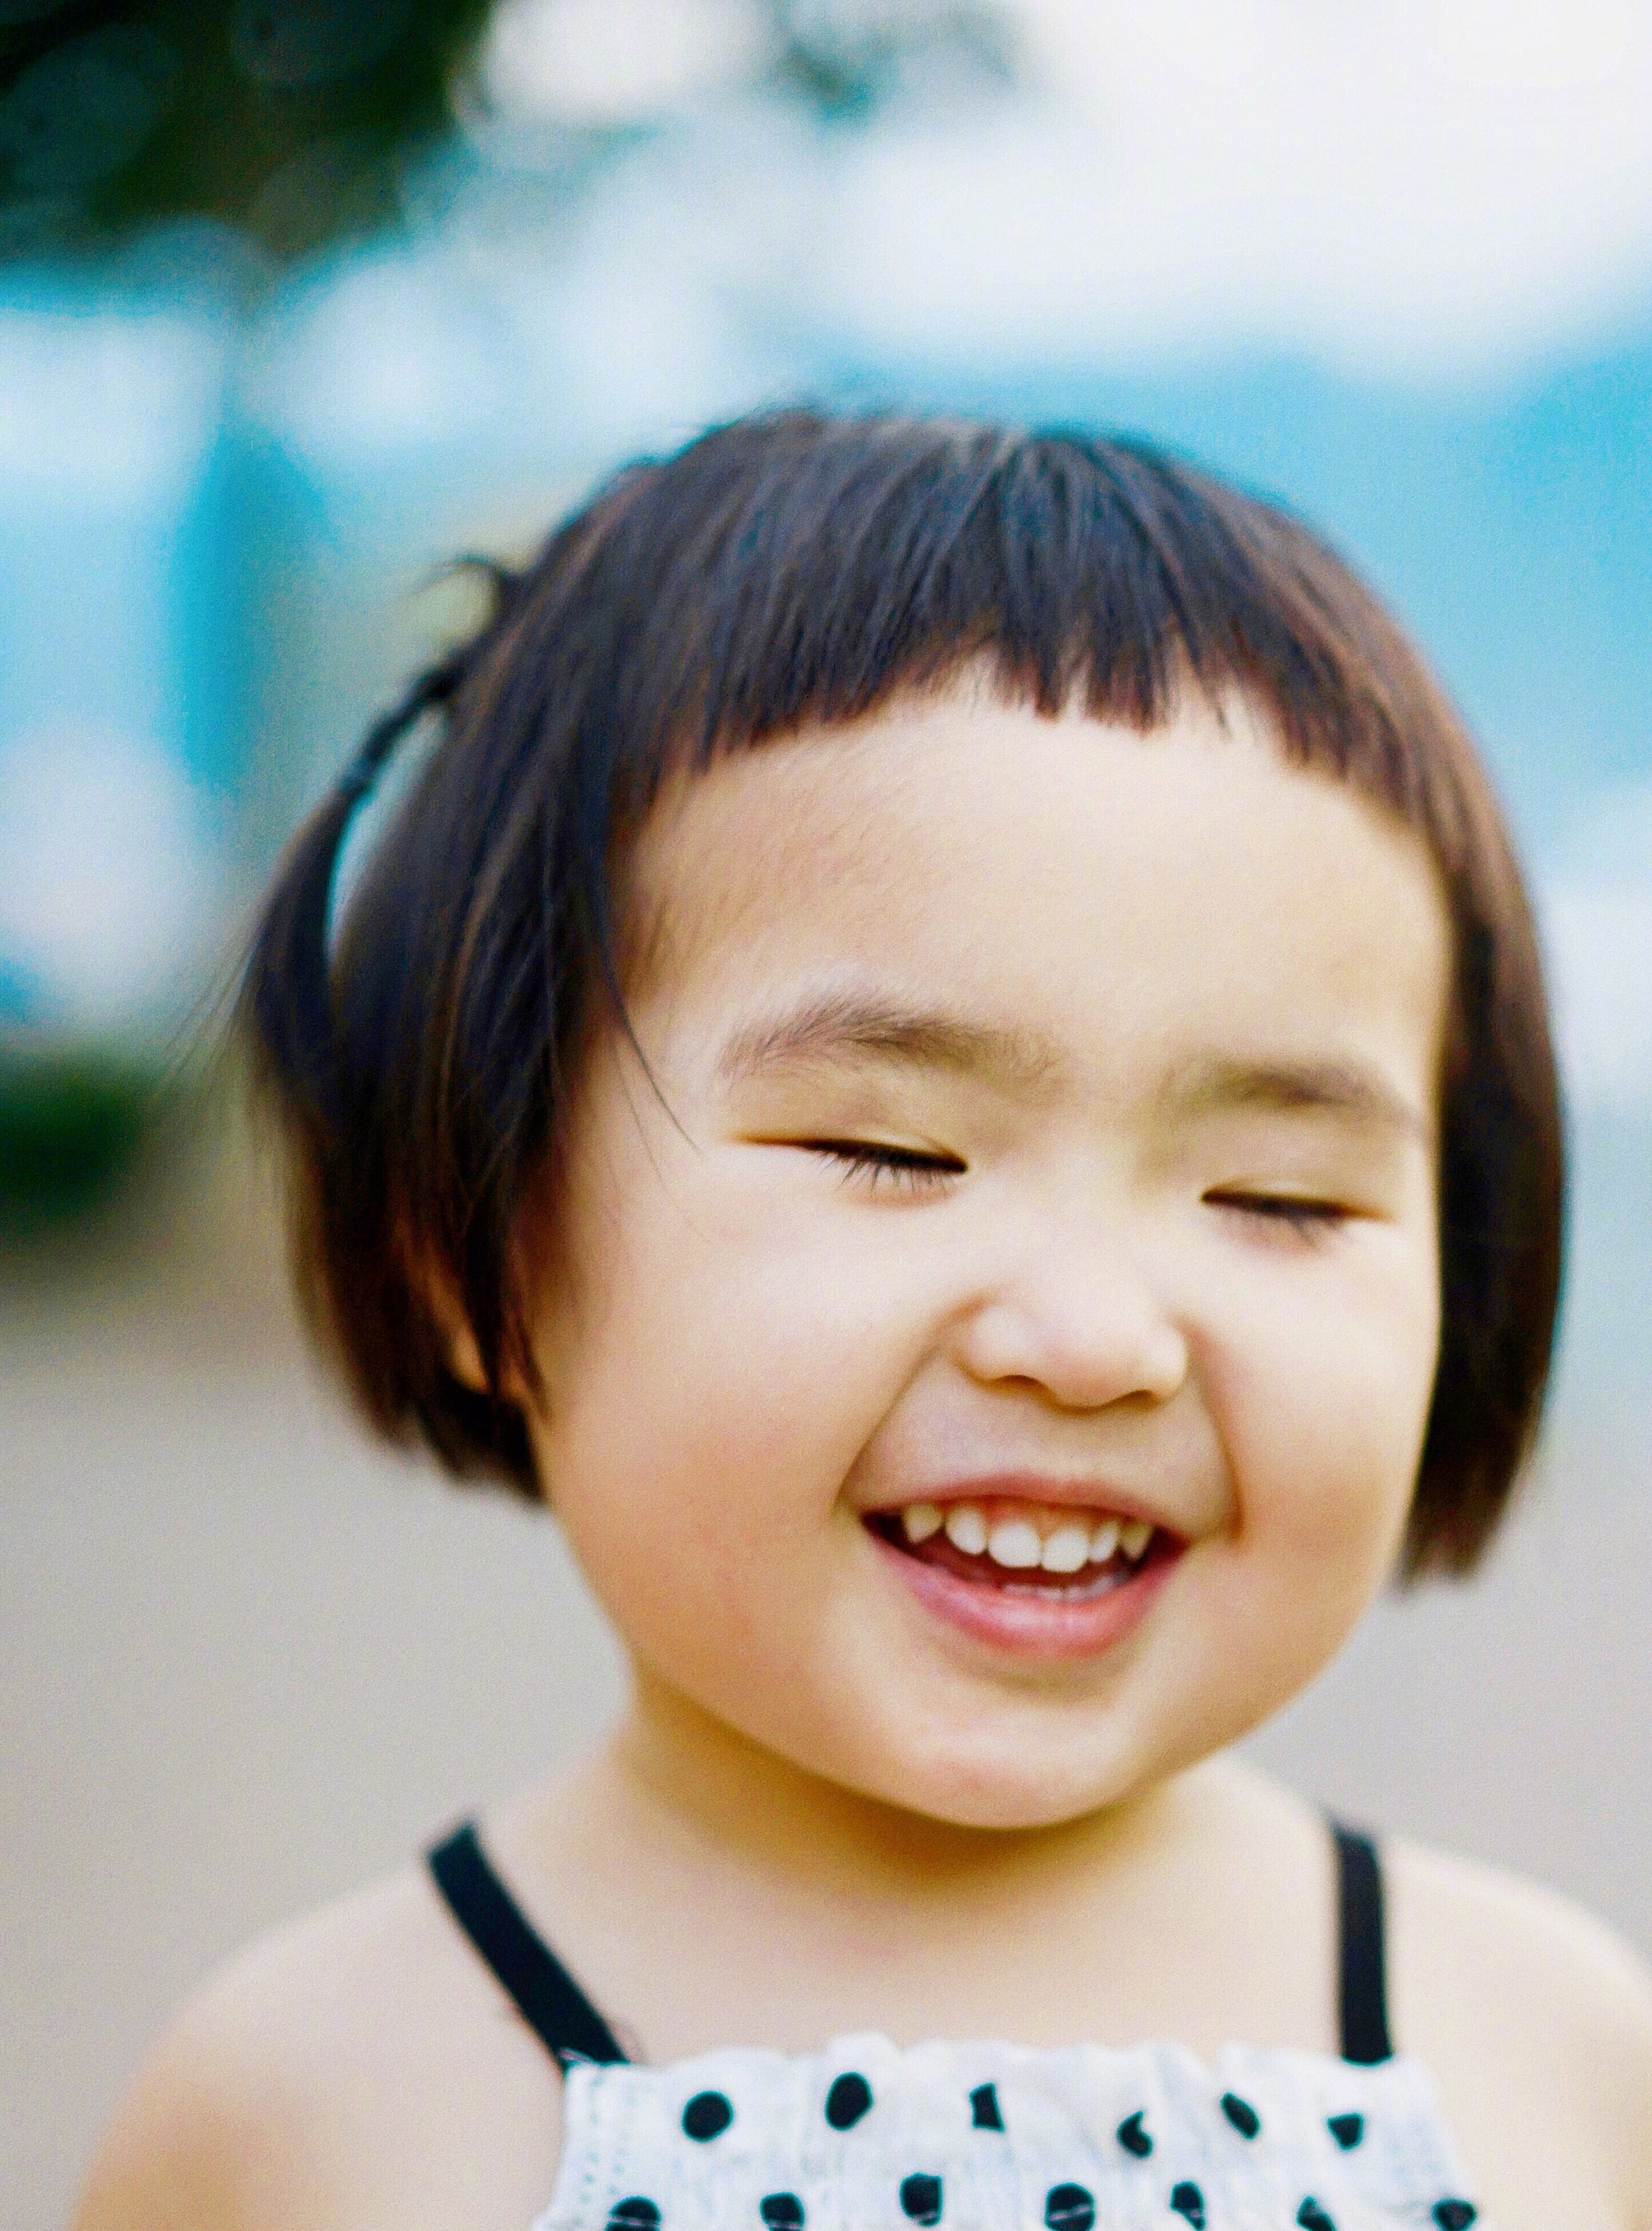 Tiểu Man - Cô bé ăn cả thế giới ngày nào giờ đã lớn hơn, điệu hơn và vẫn hay ăn! - Ảnh 4.